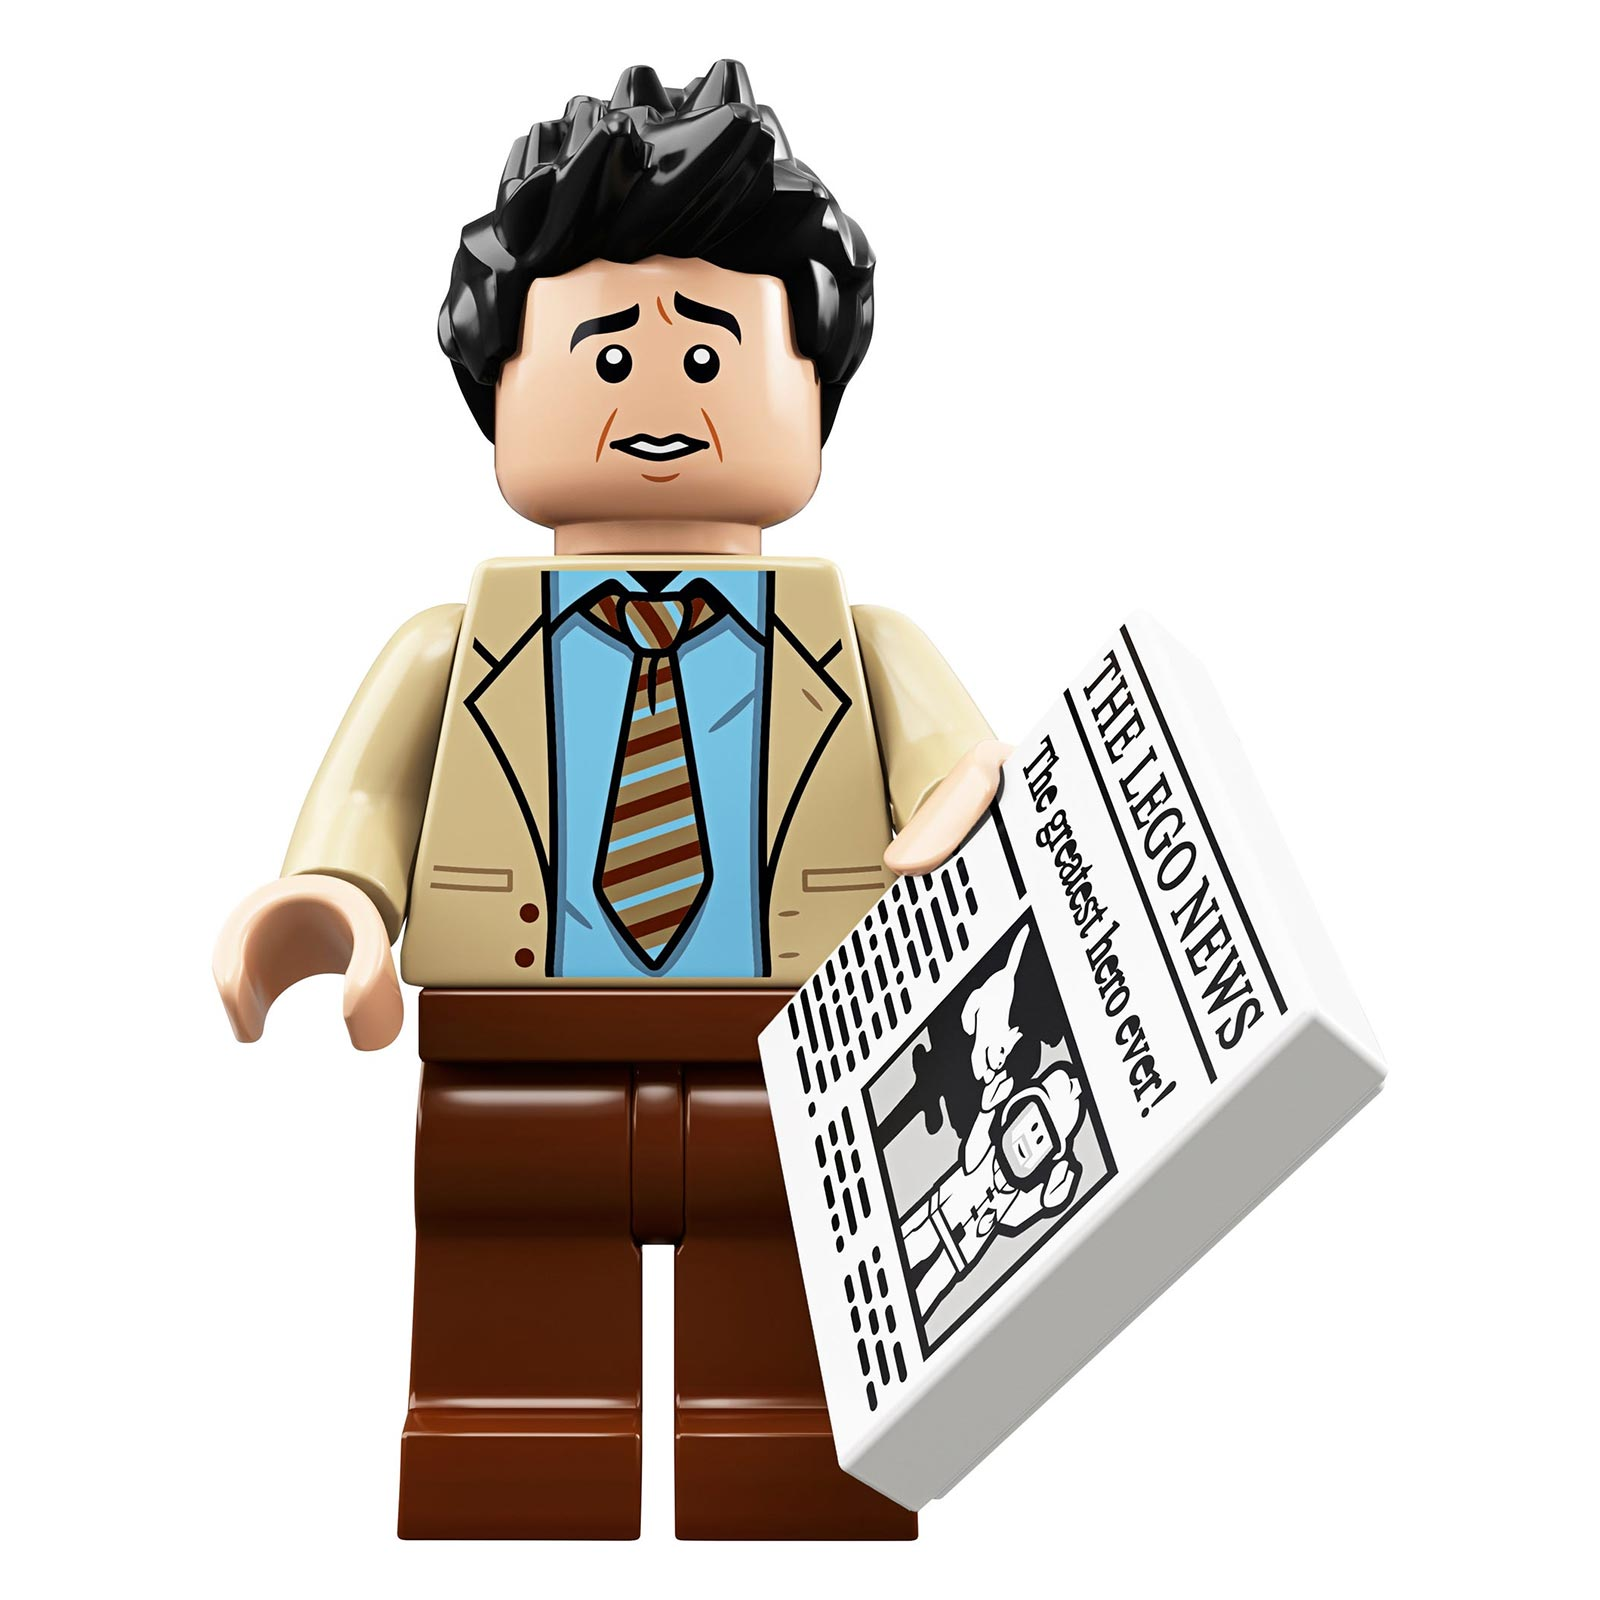 LEGO Friends Ross Geller Minifigure